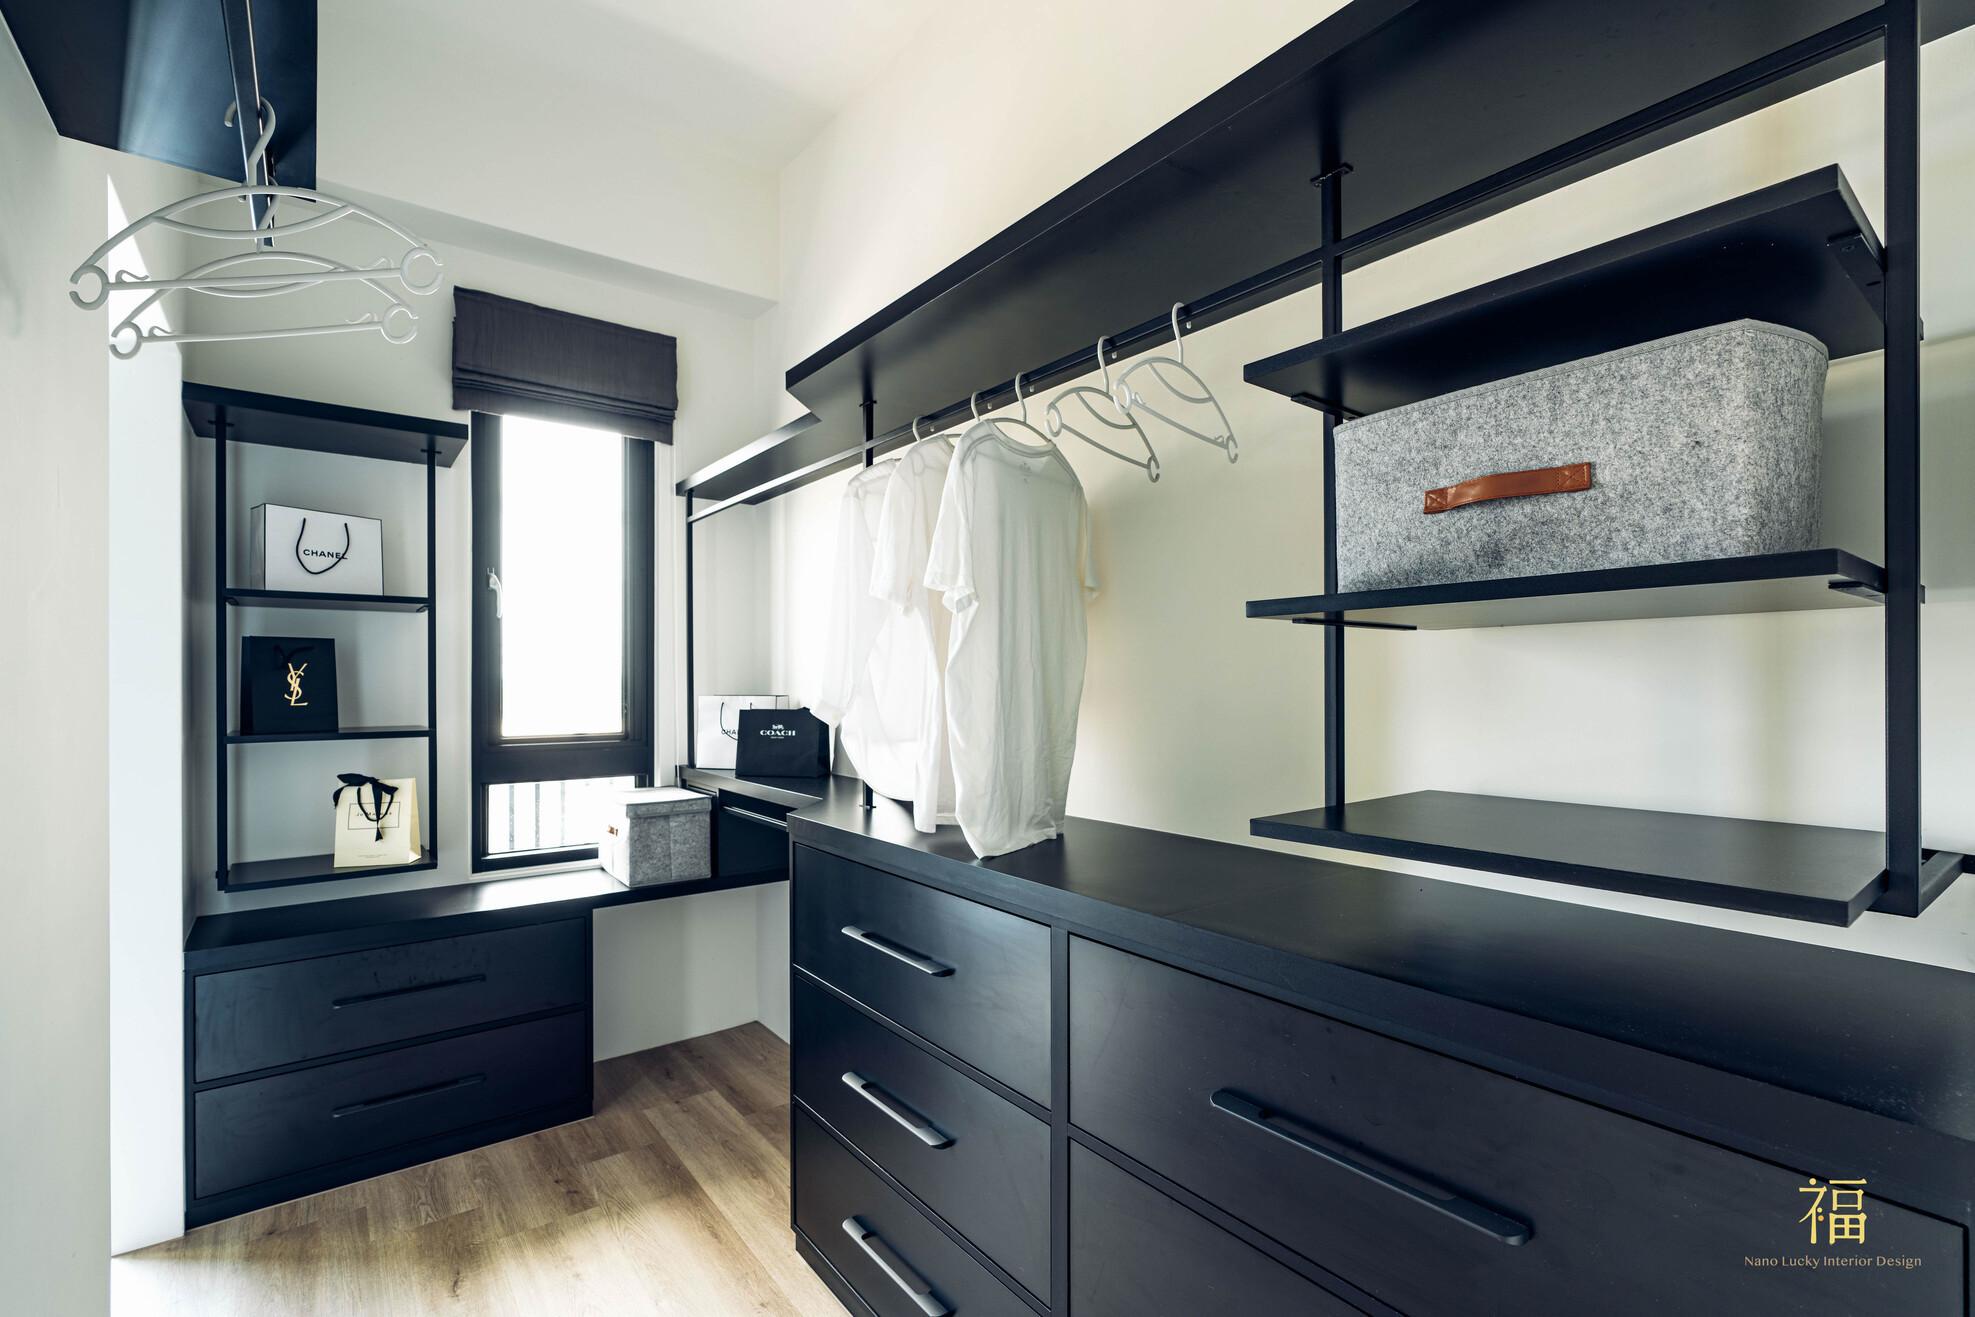 溪口盧宅|主臥室衣帽間|嘉義住宅空間設計